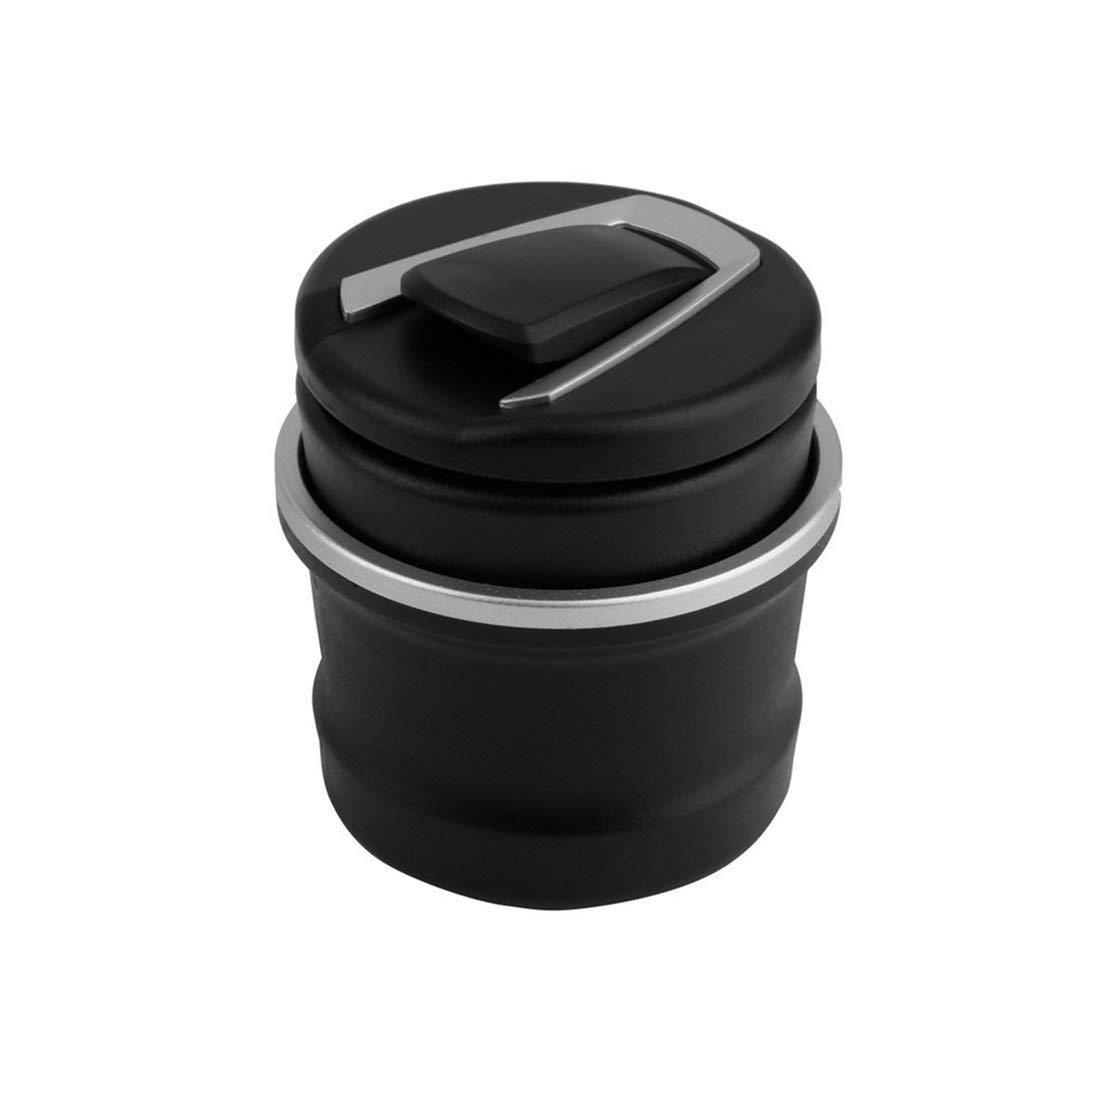 Coppa di stoccaggio posacenere per posacenere in materiale plastico a prova di fuoco con LED per BMW 1 3 4 5 7 Serie X1 X3 X5 X6 Formulaone